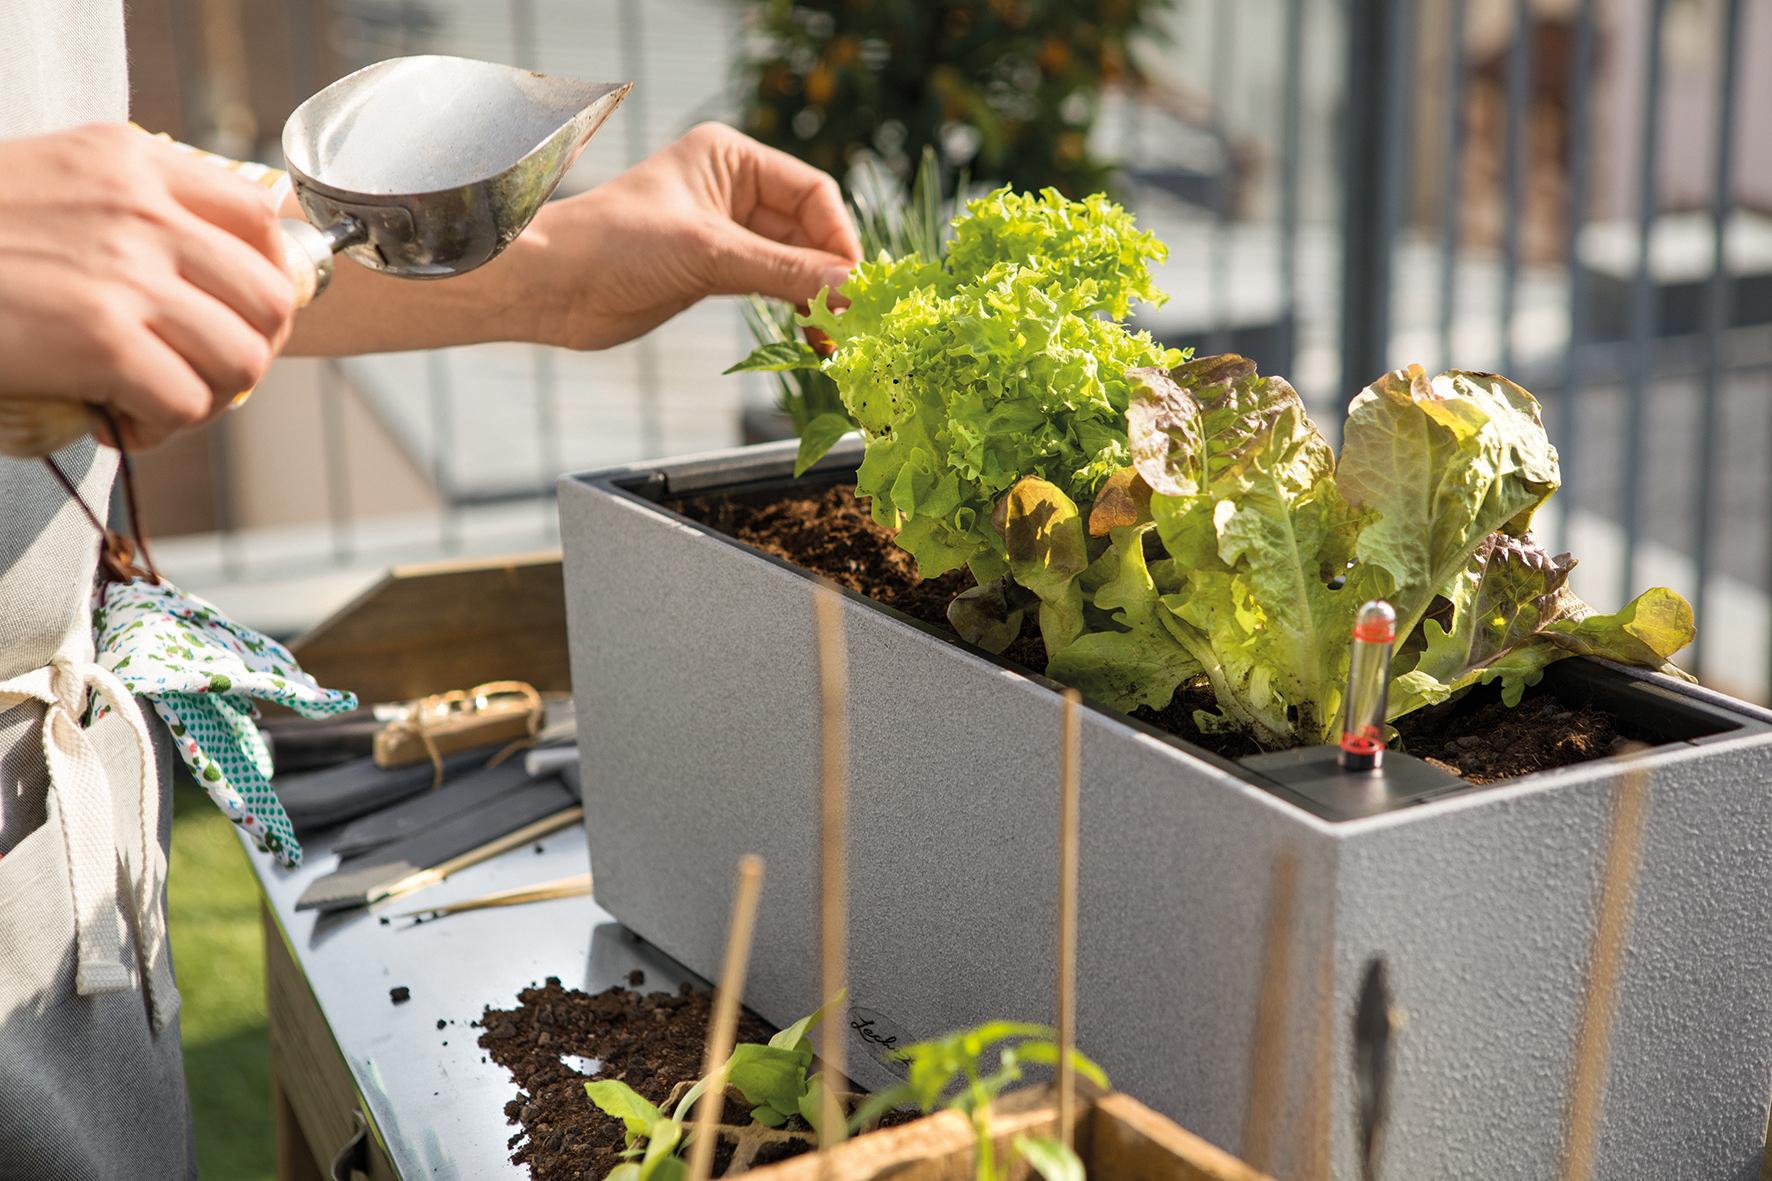 Träumst du noch vom eigenen Salatbeet oder gärtnerst du schon?